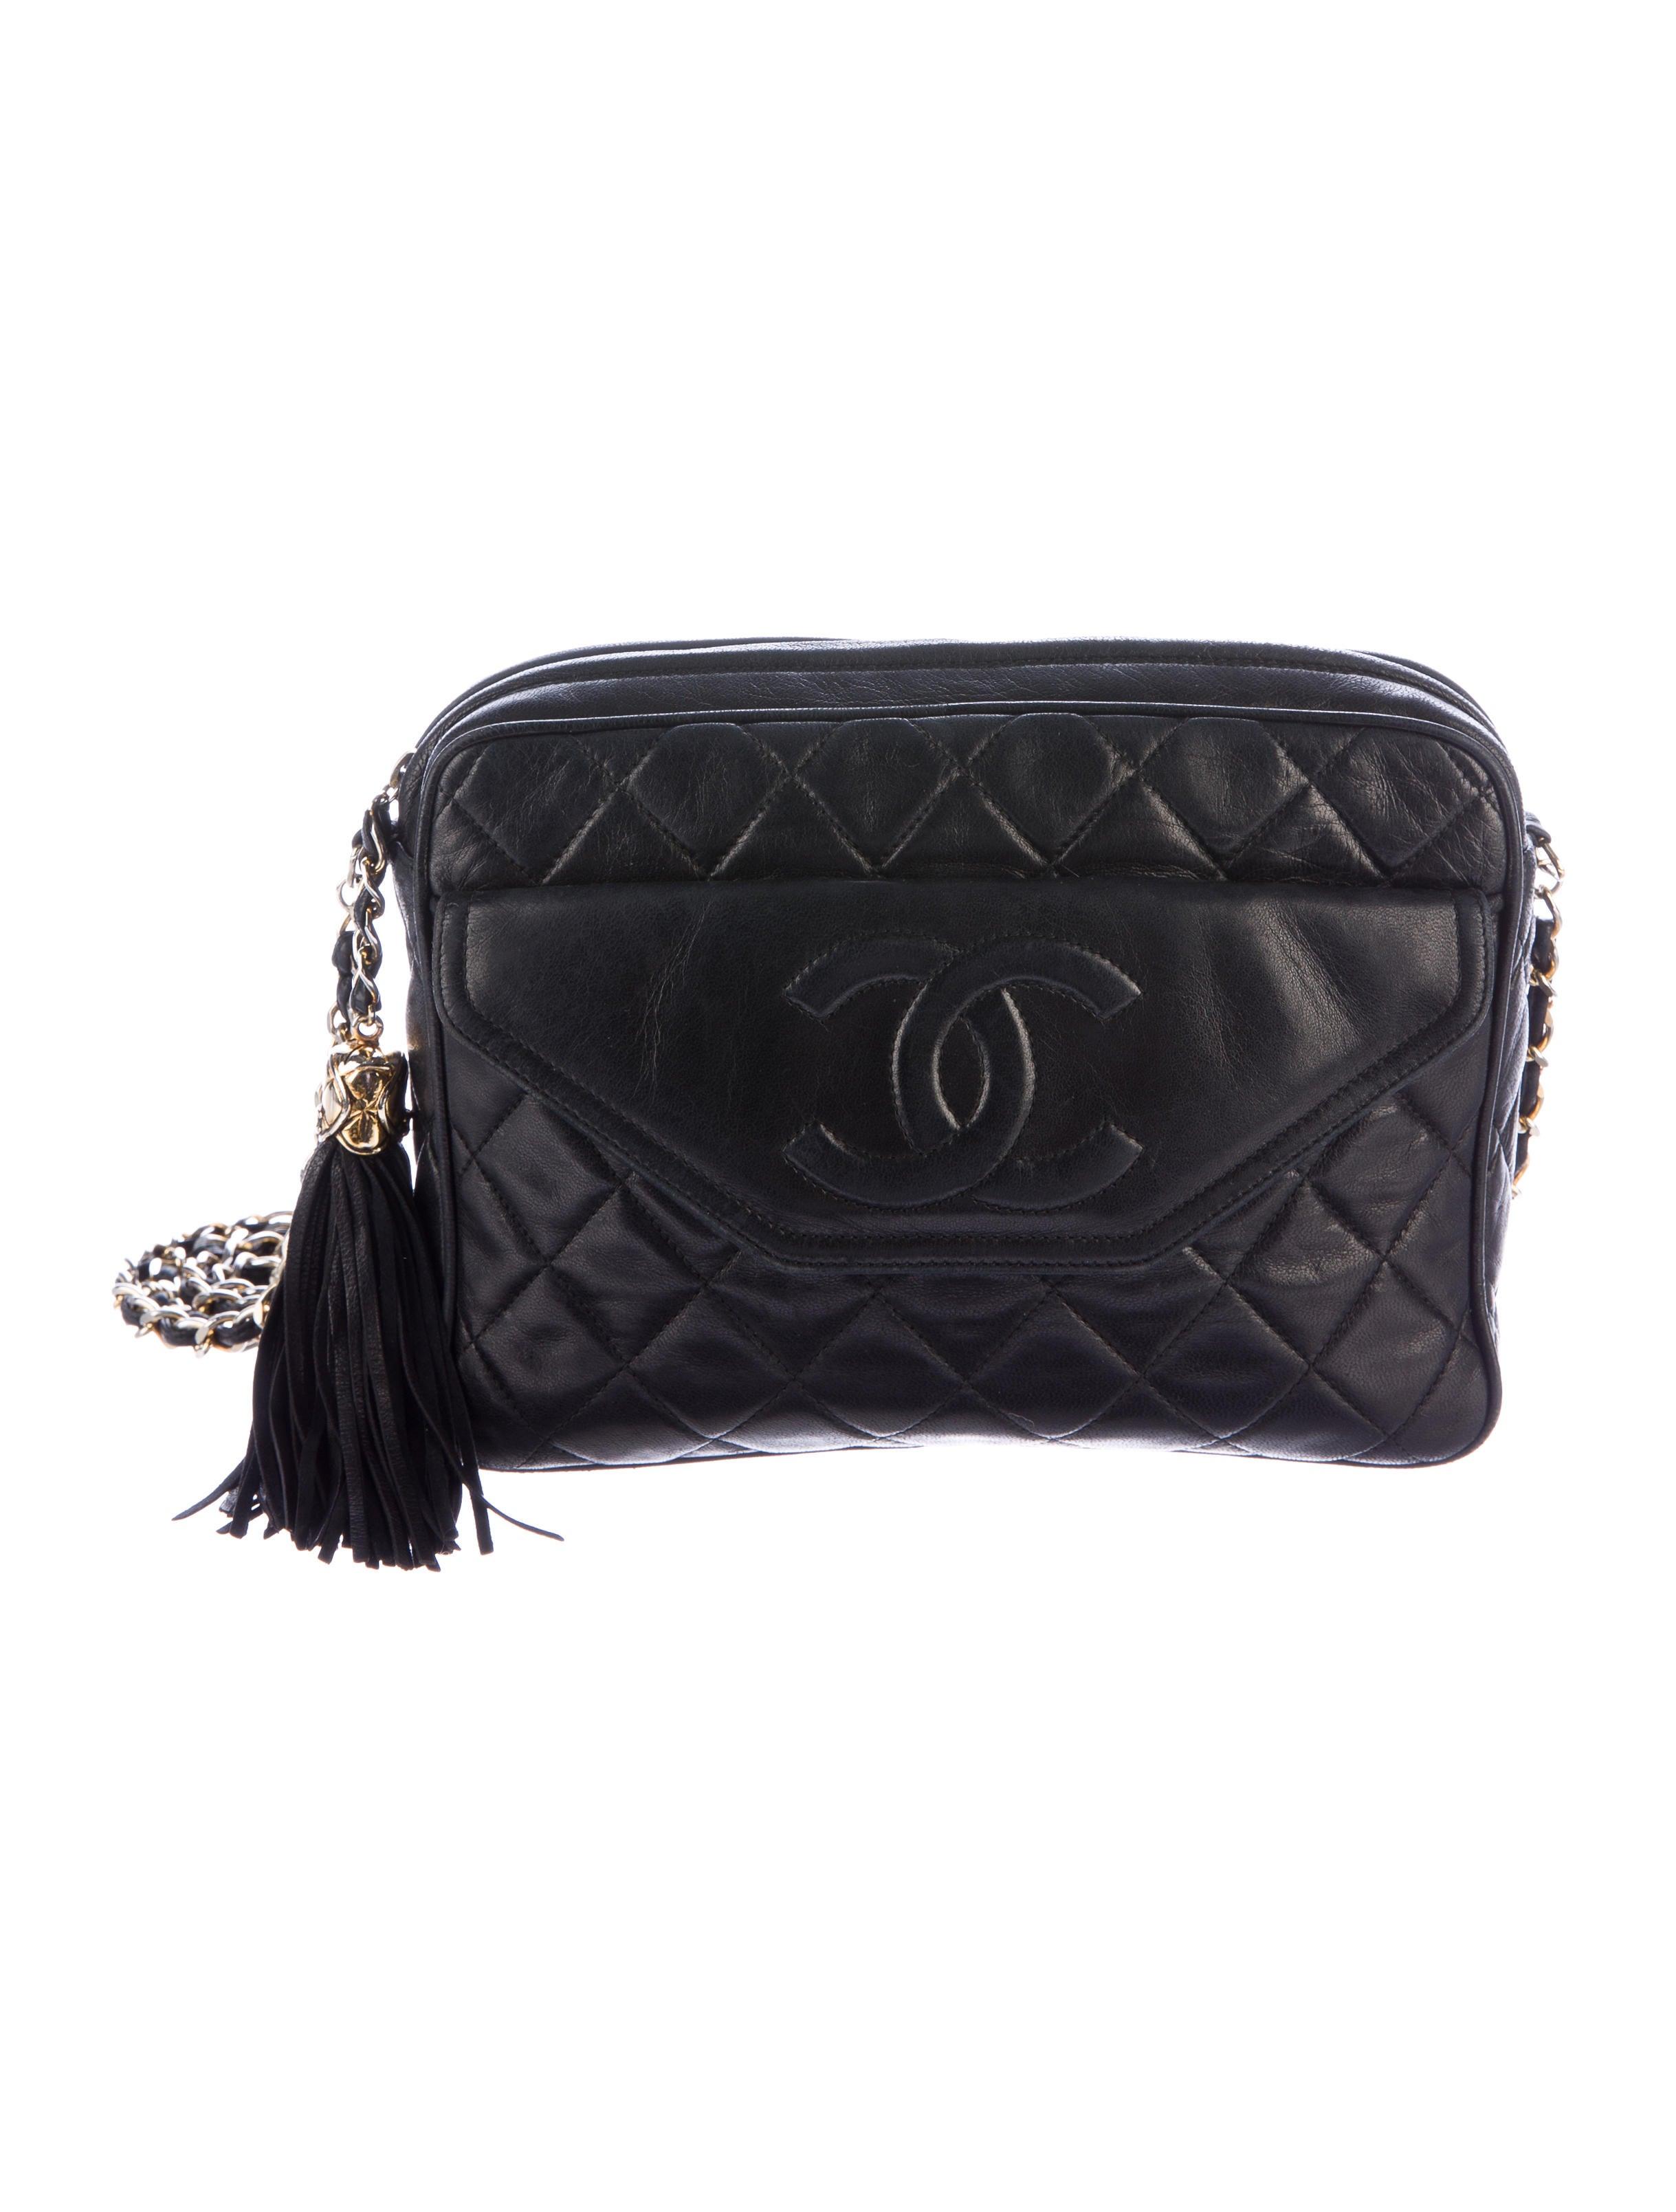 4fd908ea5cabd7 Vintage Camera Chanel Handbags For Sale | Stanford Center for ...